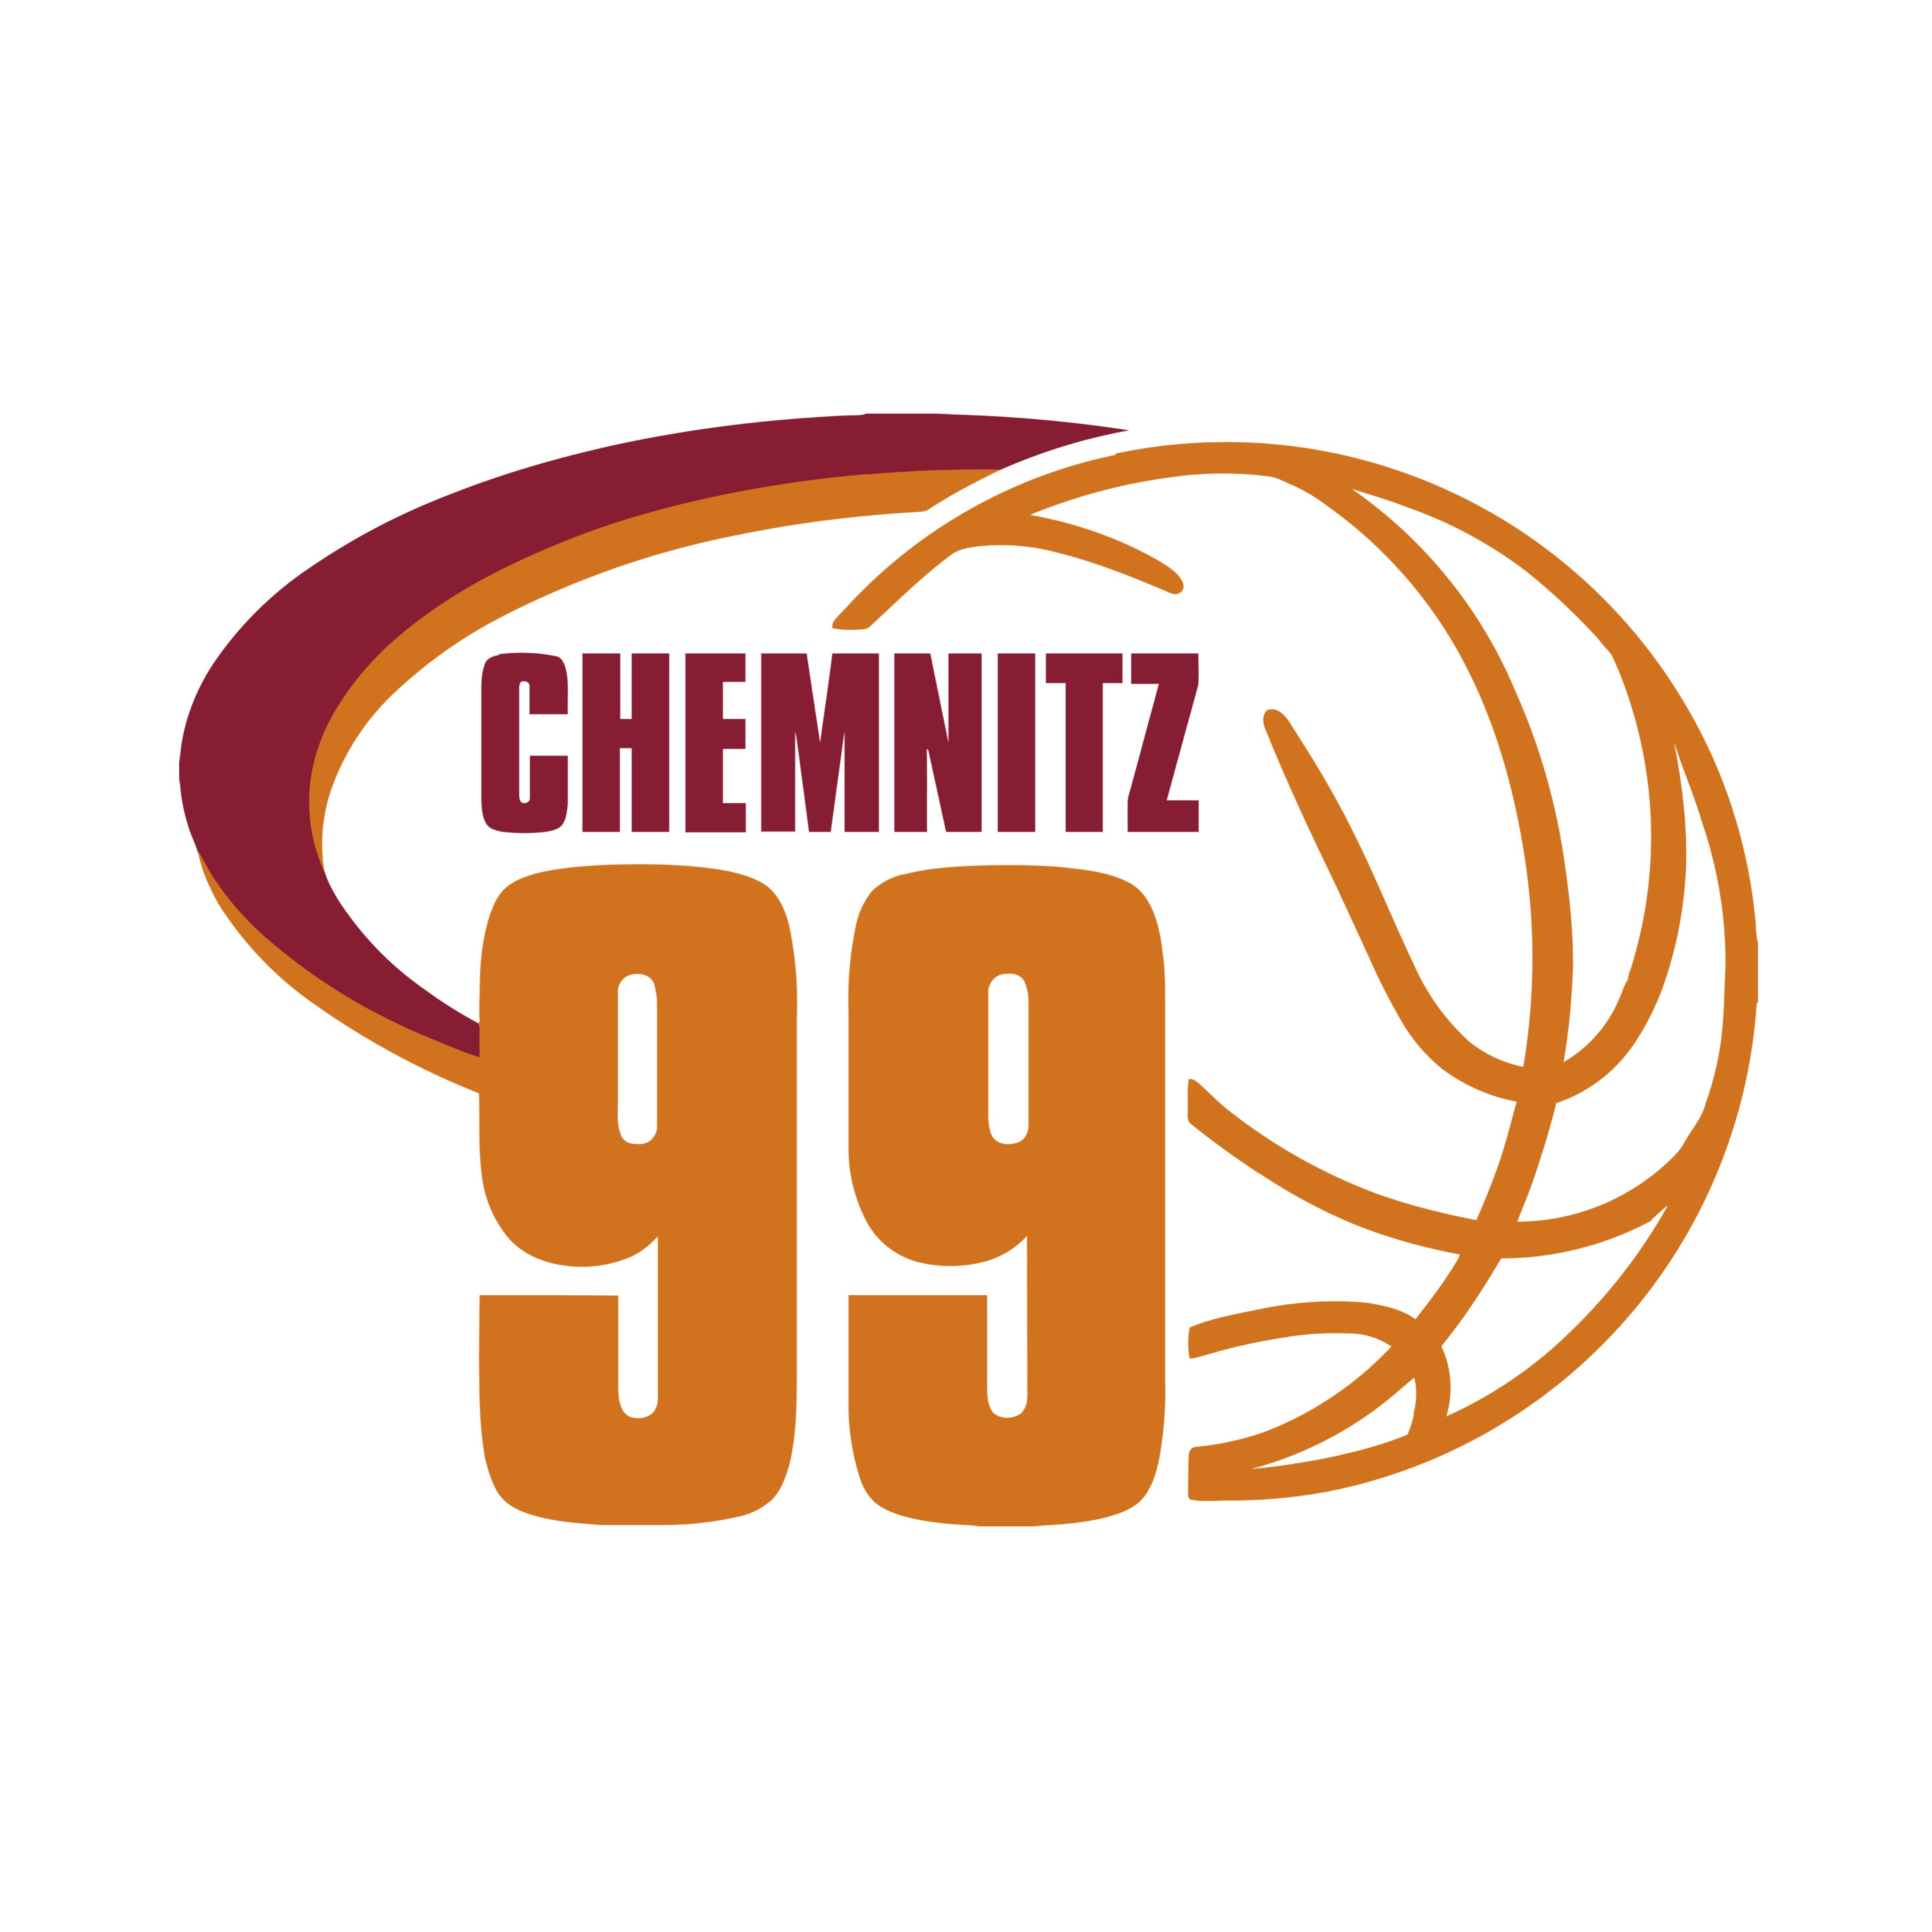 Logo der Niners Chemnitz. Mehrere Heimspiele wurden mit Hilfe von Reporter der gemeinnützige HörMal Audiodeskription Unternehmergesellschaft seit 2018 in der zweiten Basketball-Bundesliga mit einer Live-Audiodeskription angebten. Bildrechte: Niners Chemnitz.